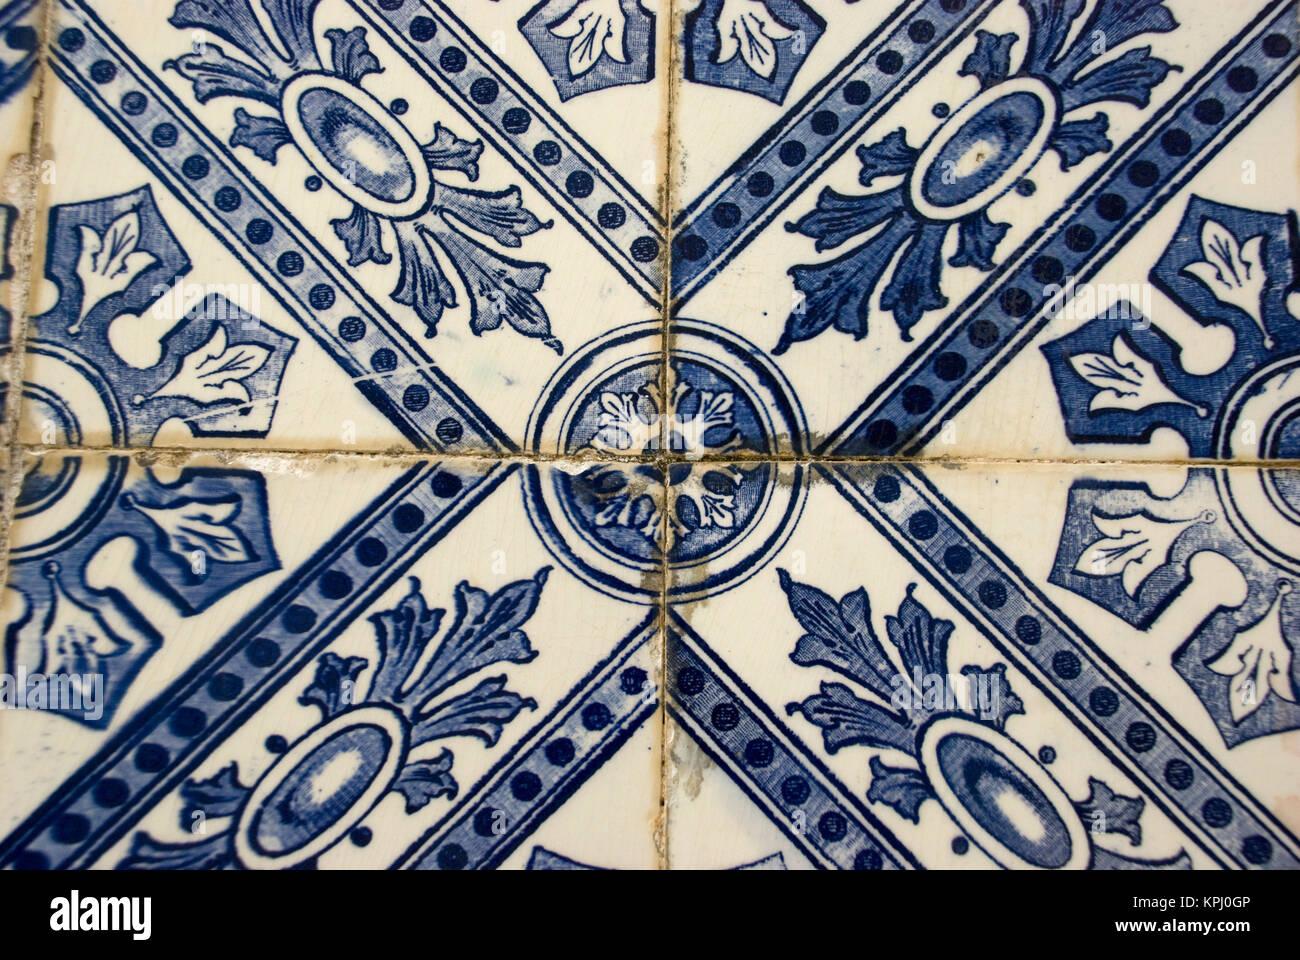 Portugiesische Fliesen Azulejos In Blau Und Weiß Stockfoto Bild - Portugiesische fliesen kaufen